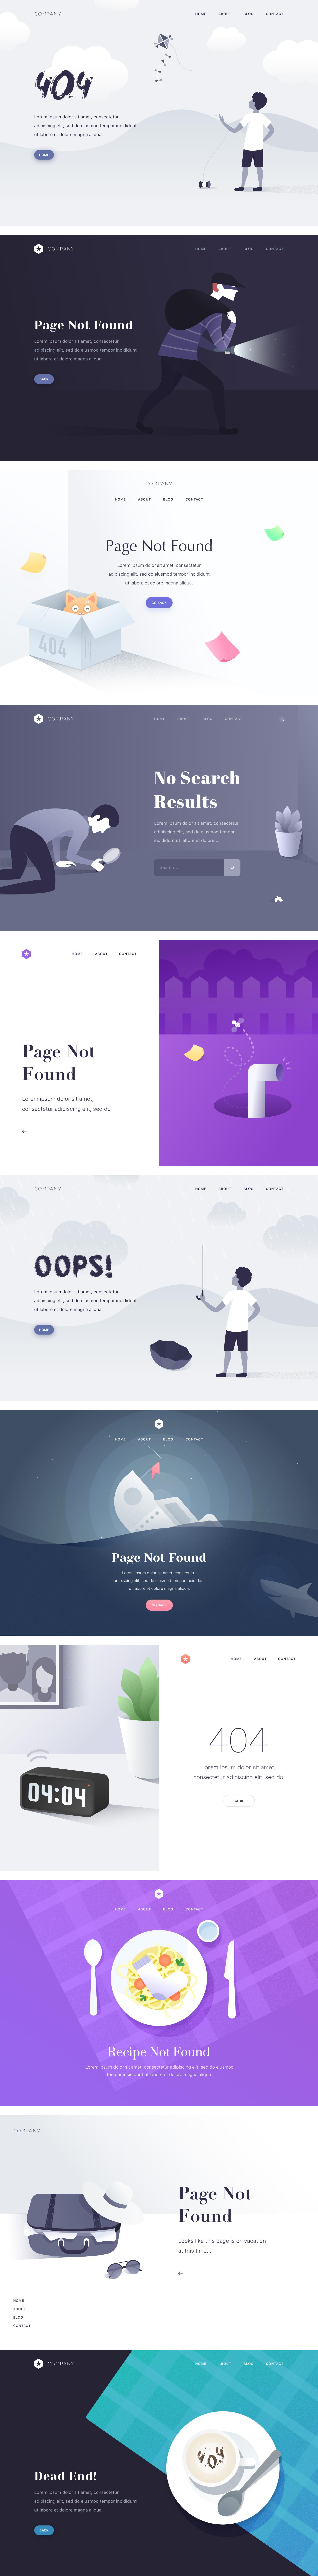 精美404状态网页设计源文件